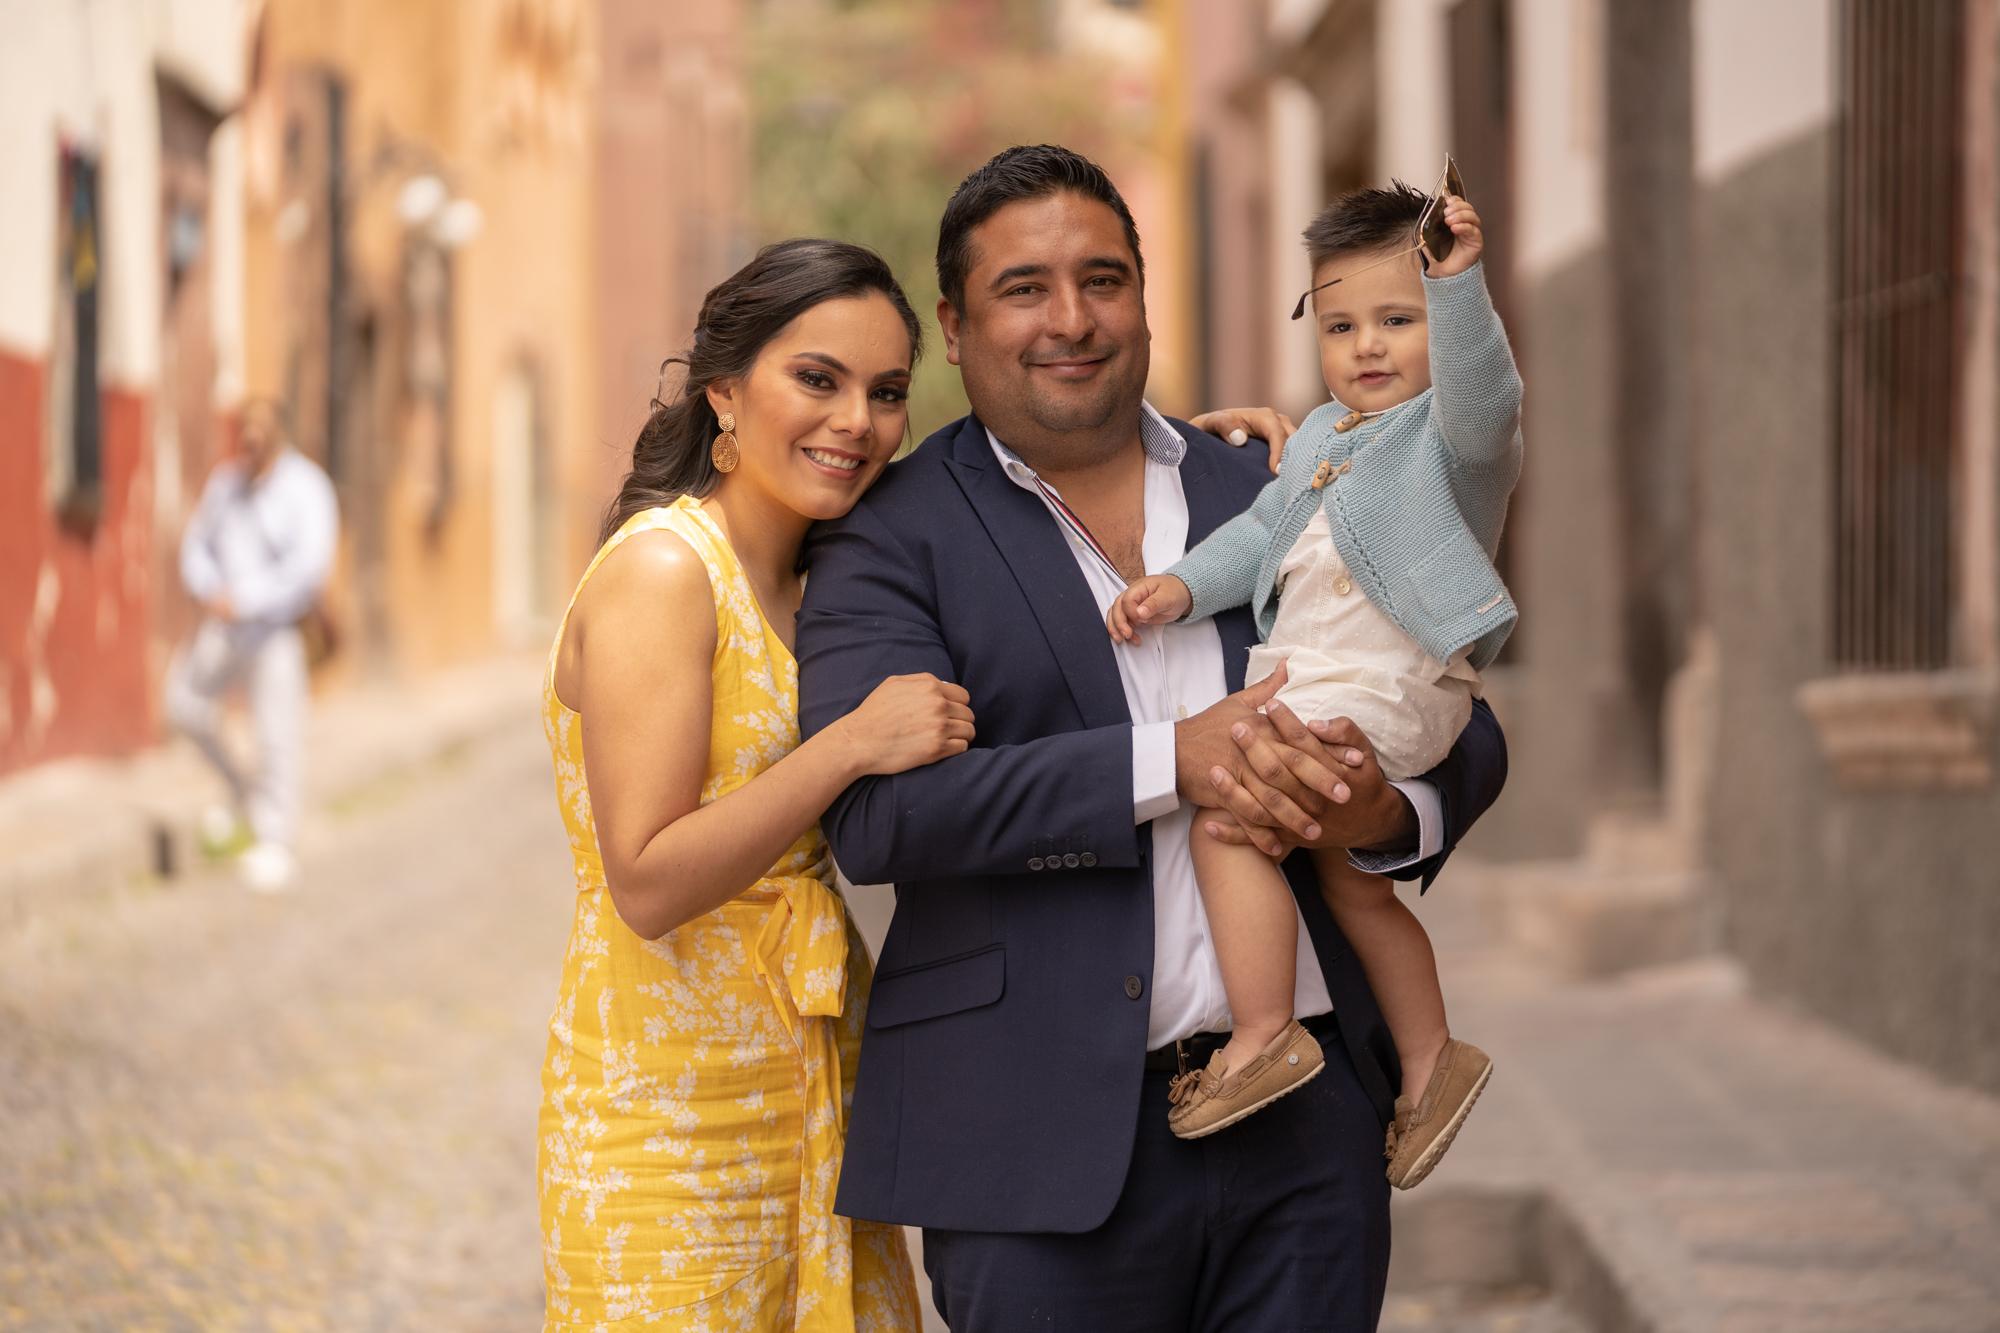 Sesion de Fotos en Rosewood San Migue de Allende del Bautizo de Alfonso-28.jpg